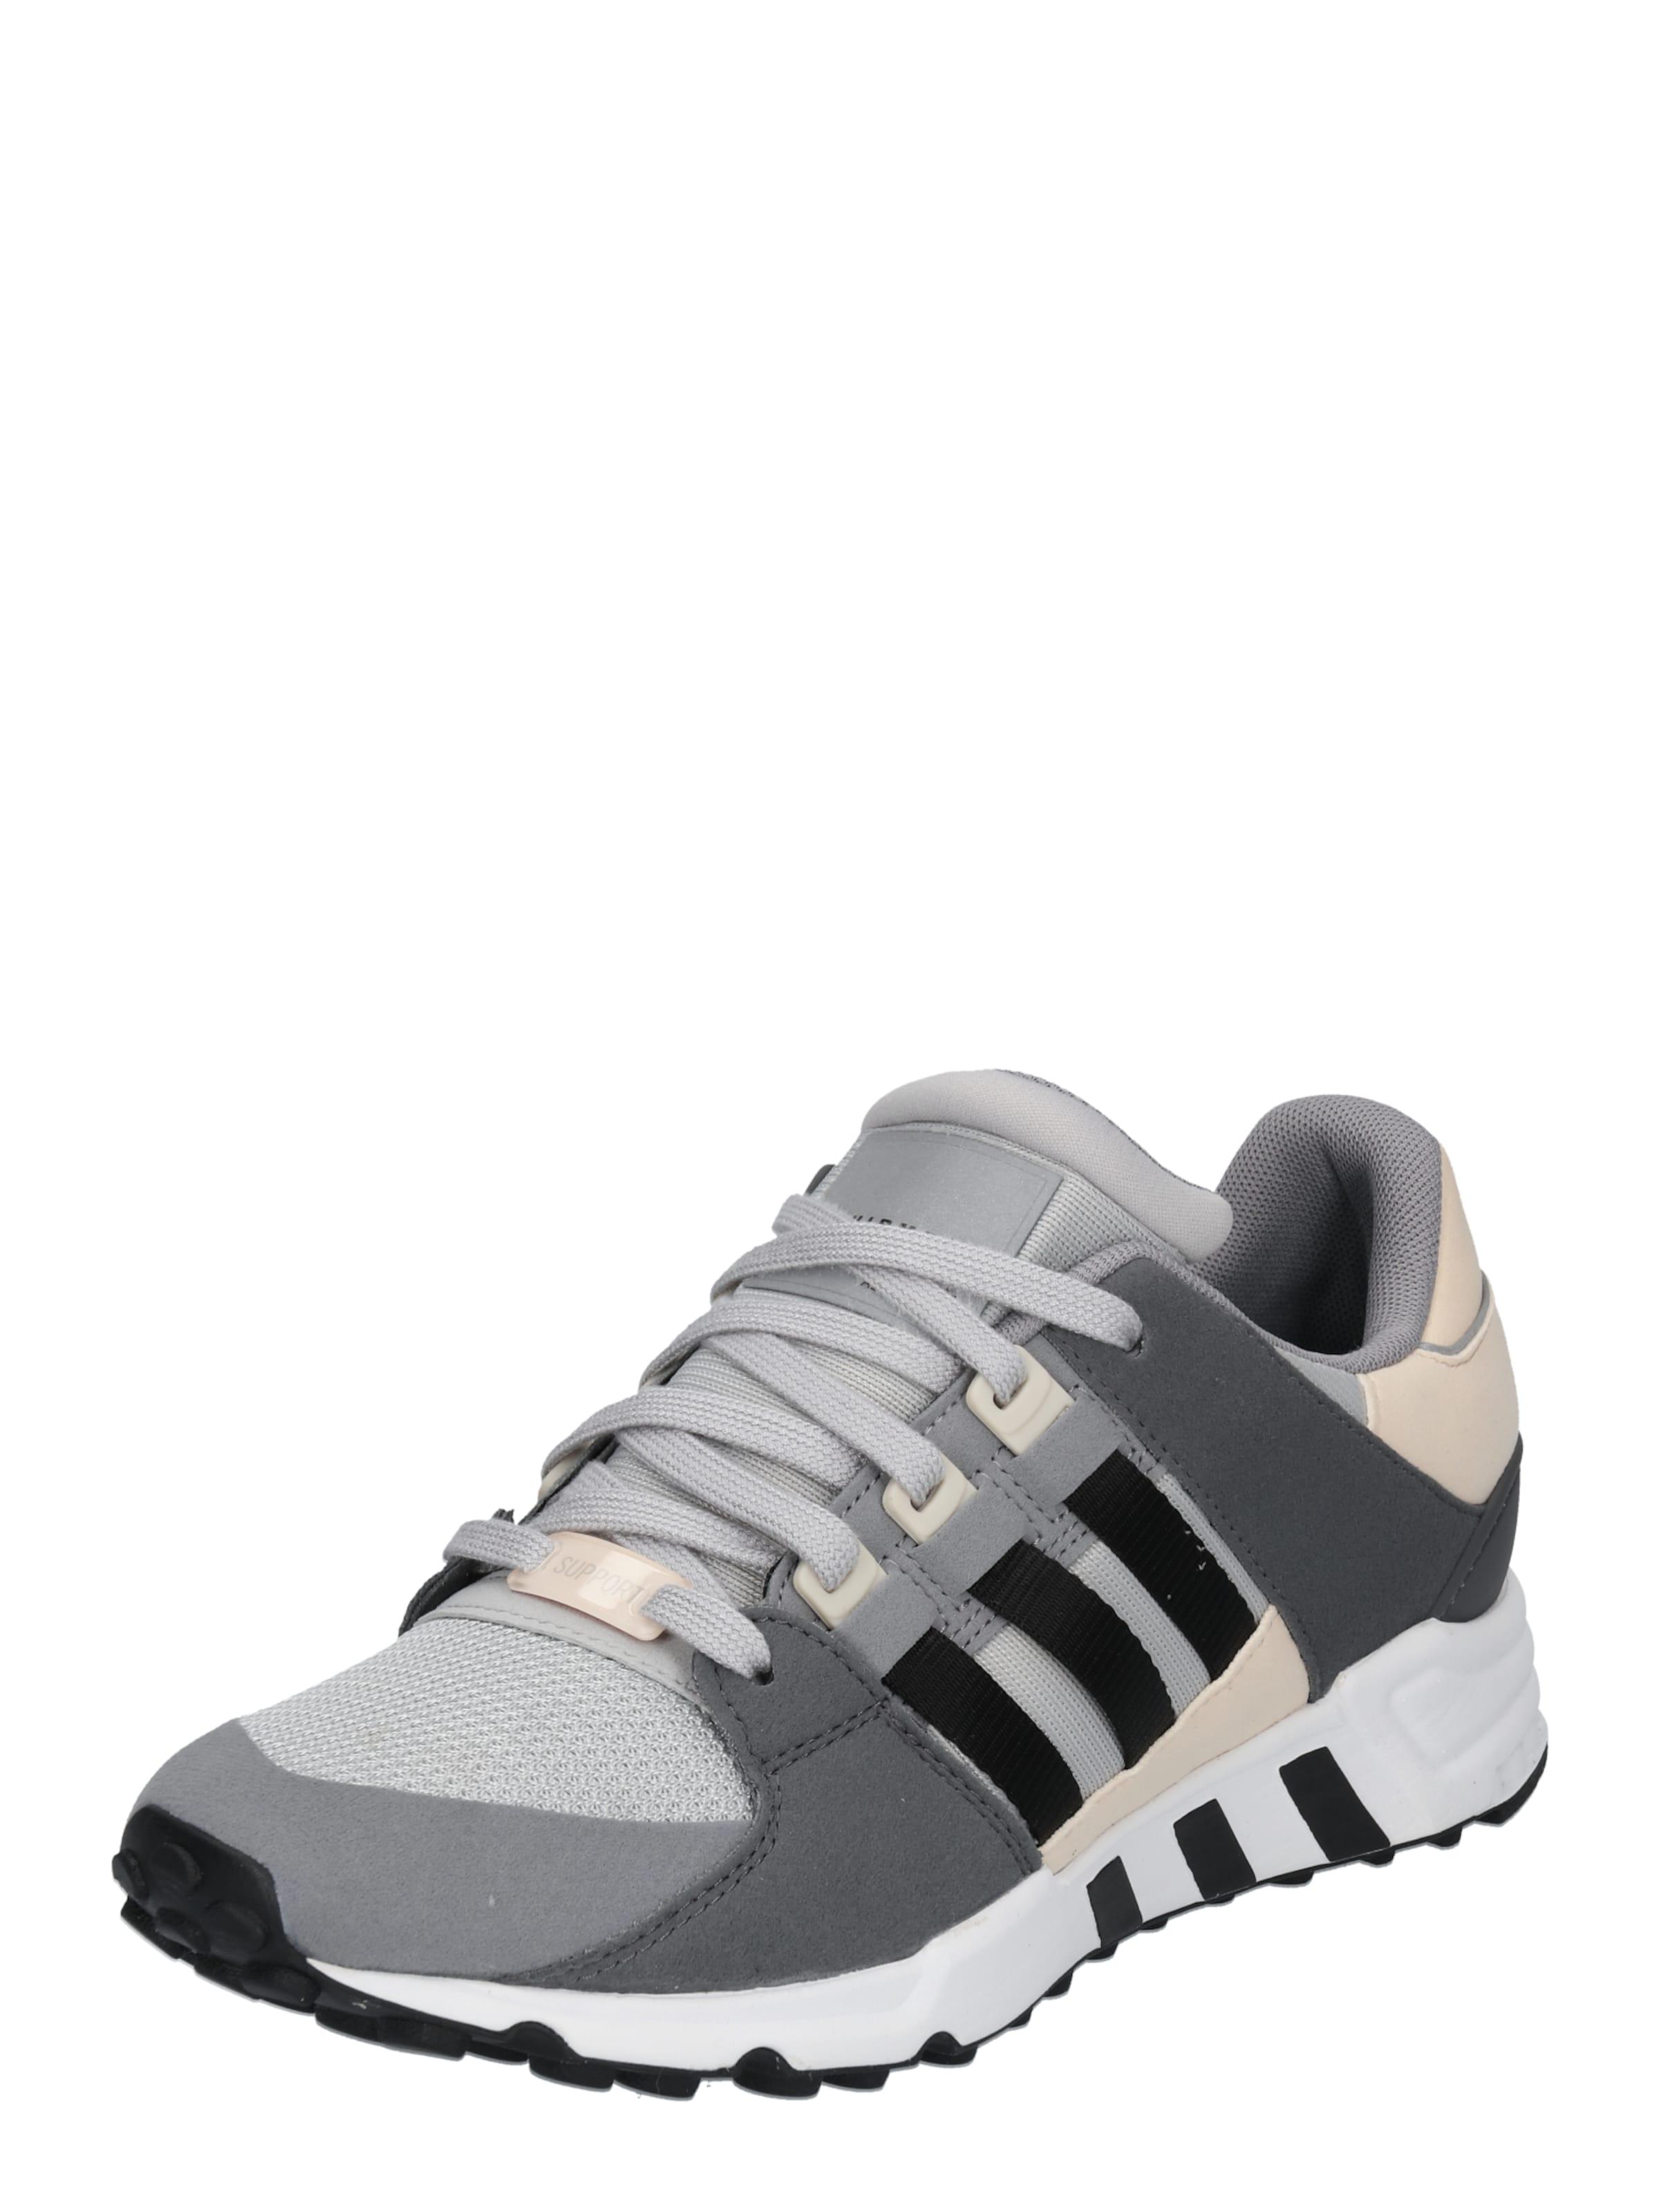 ADIDAS ORIGINALS Sneaker  EQT SUPPORT